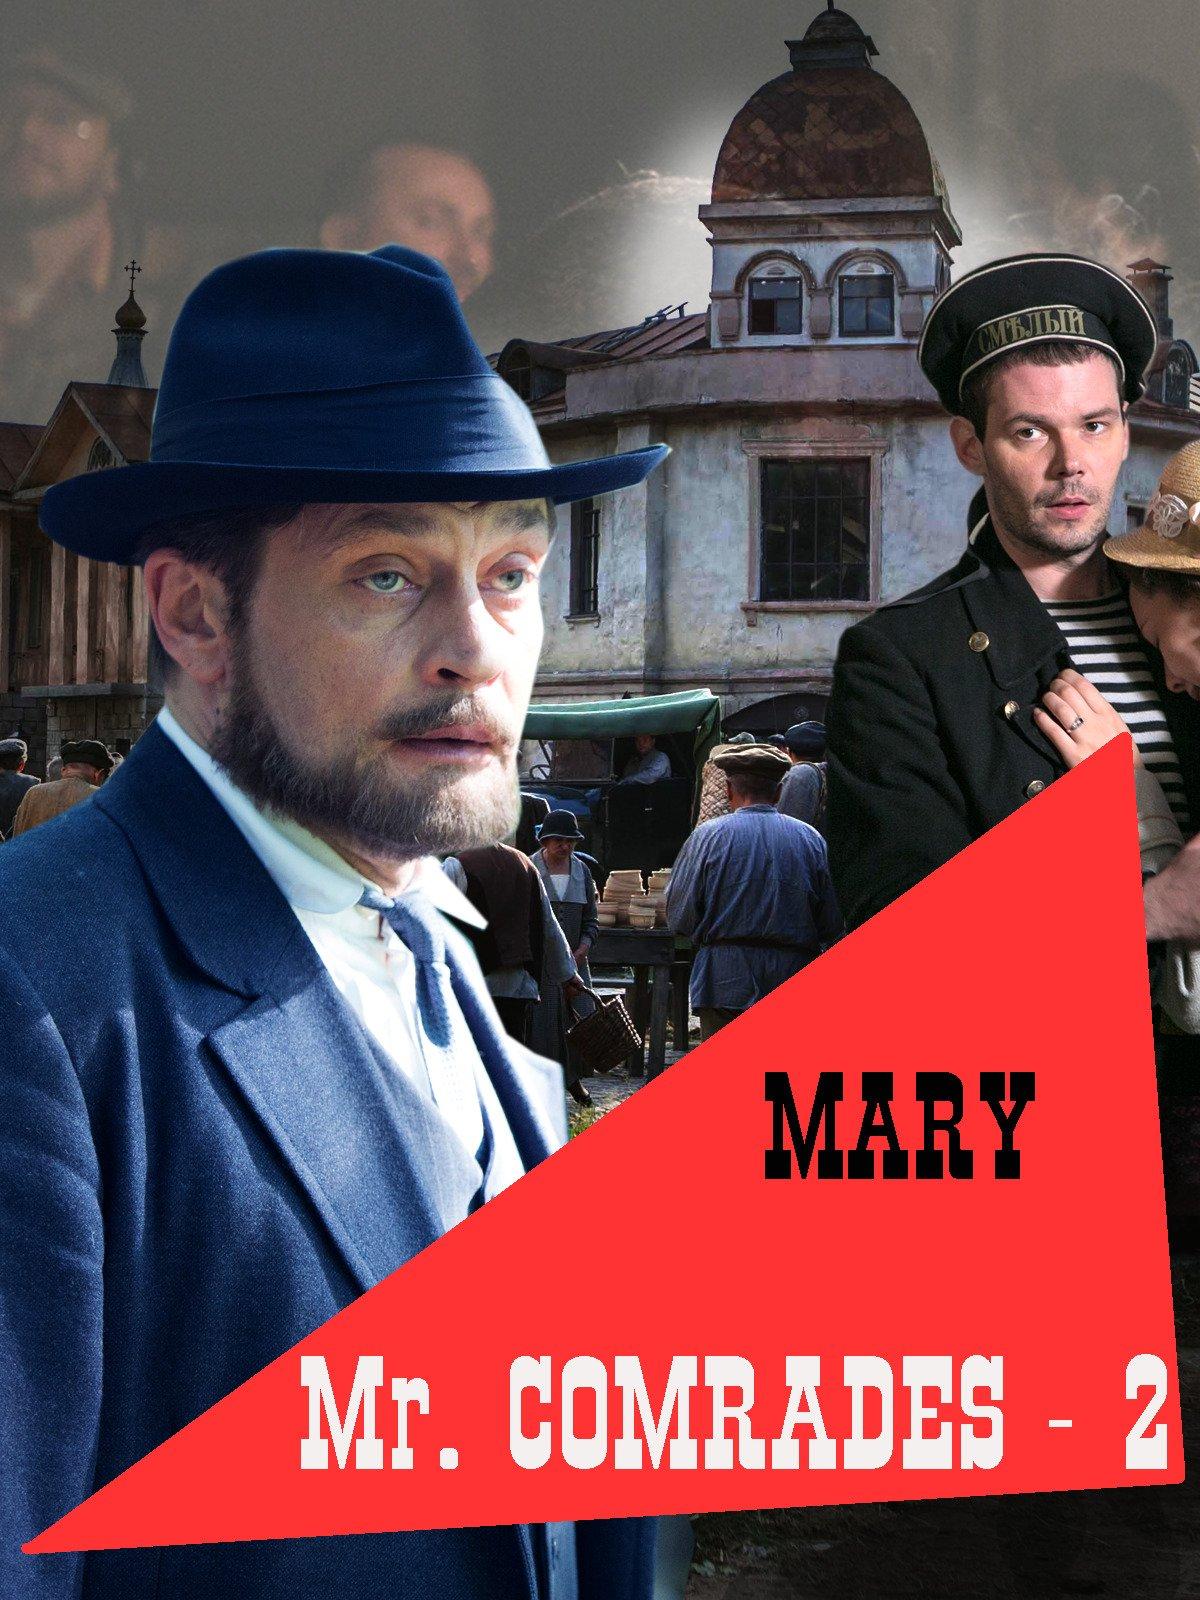 Mr. Comrades-2. Mary